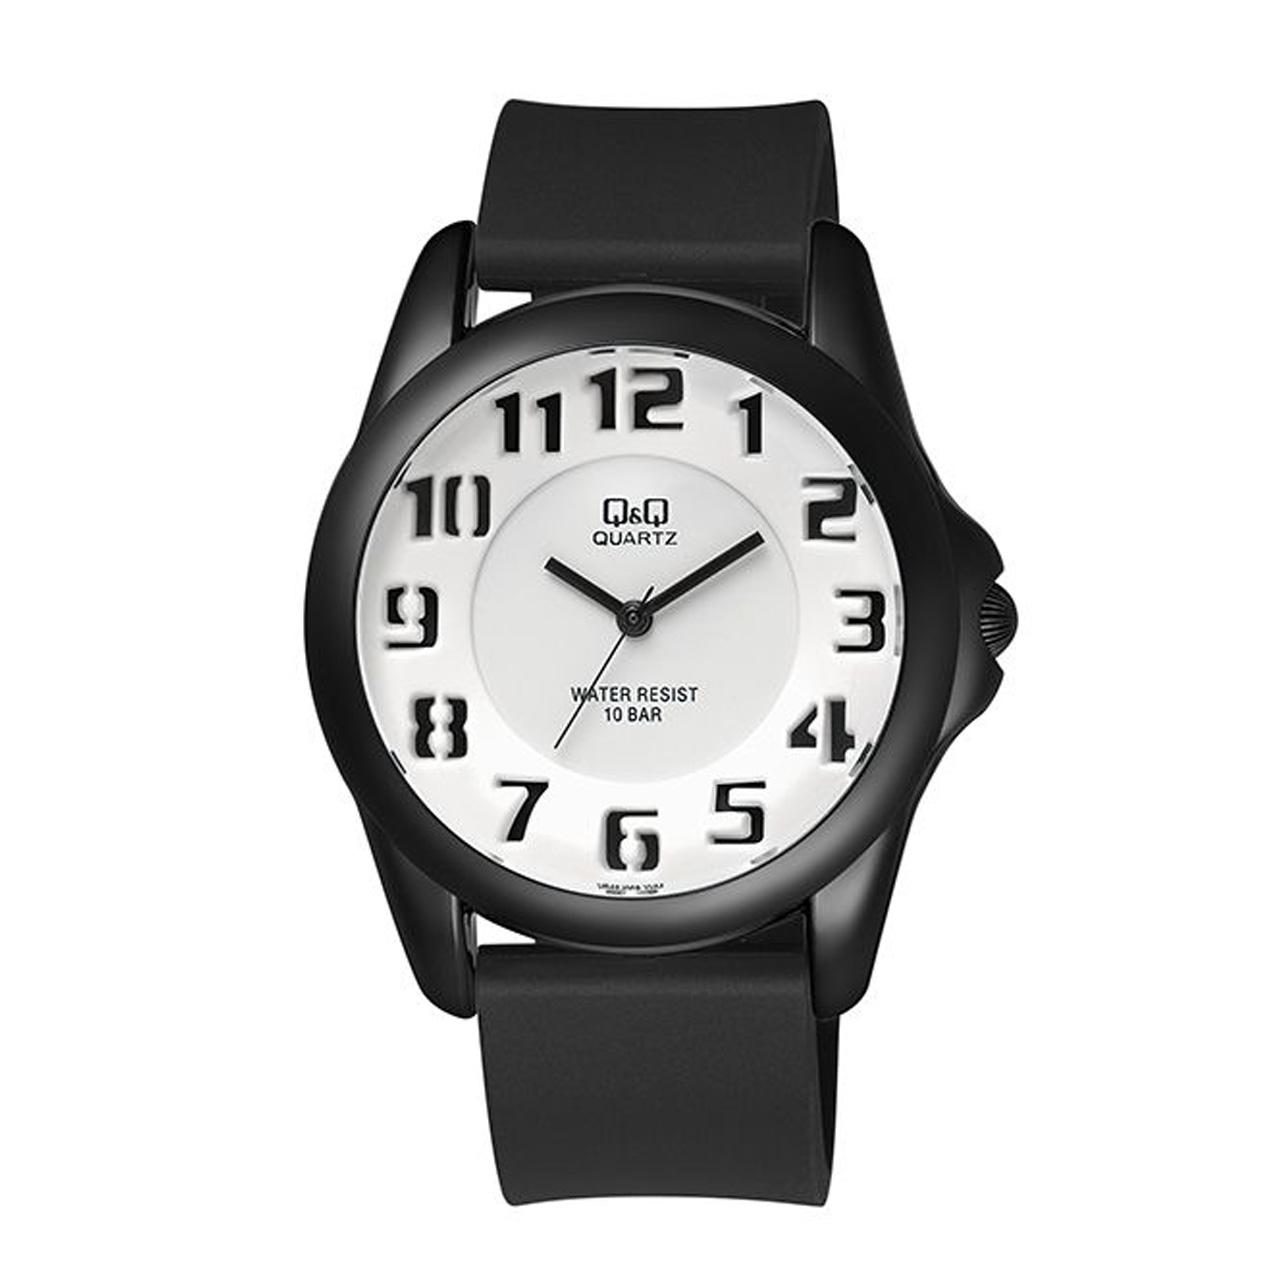 ساعت مچی عقربه ای مردانه کیو اند کیو مدل vr42j011y به همراه دستمال مخصوص برند کلین واچ